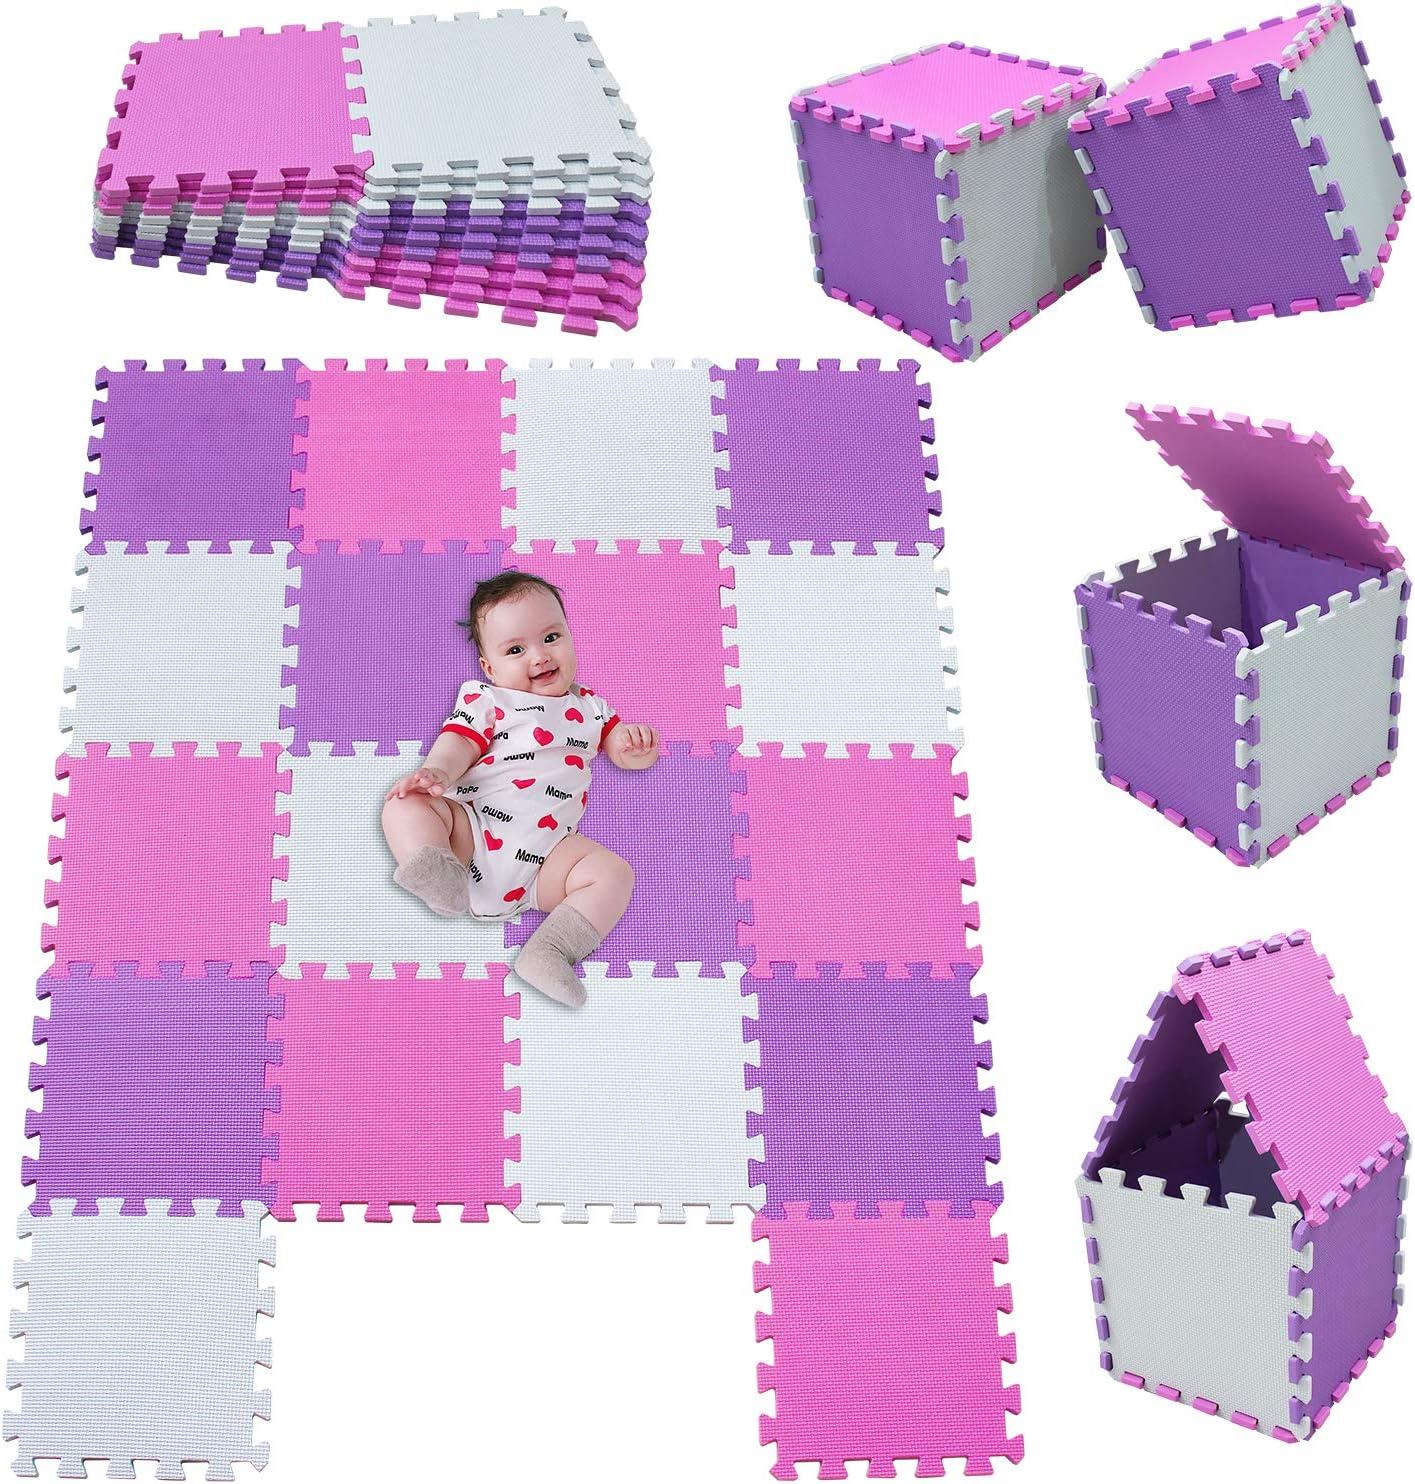 MSHEN18 Piezas Alfombra Puzzle Bebe con Certificado CE y certificación EVA | Puzzle Suelo Bebe | Puede ser Lavado Goma eva,Tamaño 1.62 Cuadrado,blanco-rosa-púrpura-010311g18